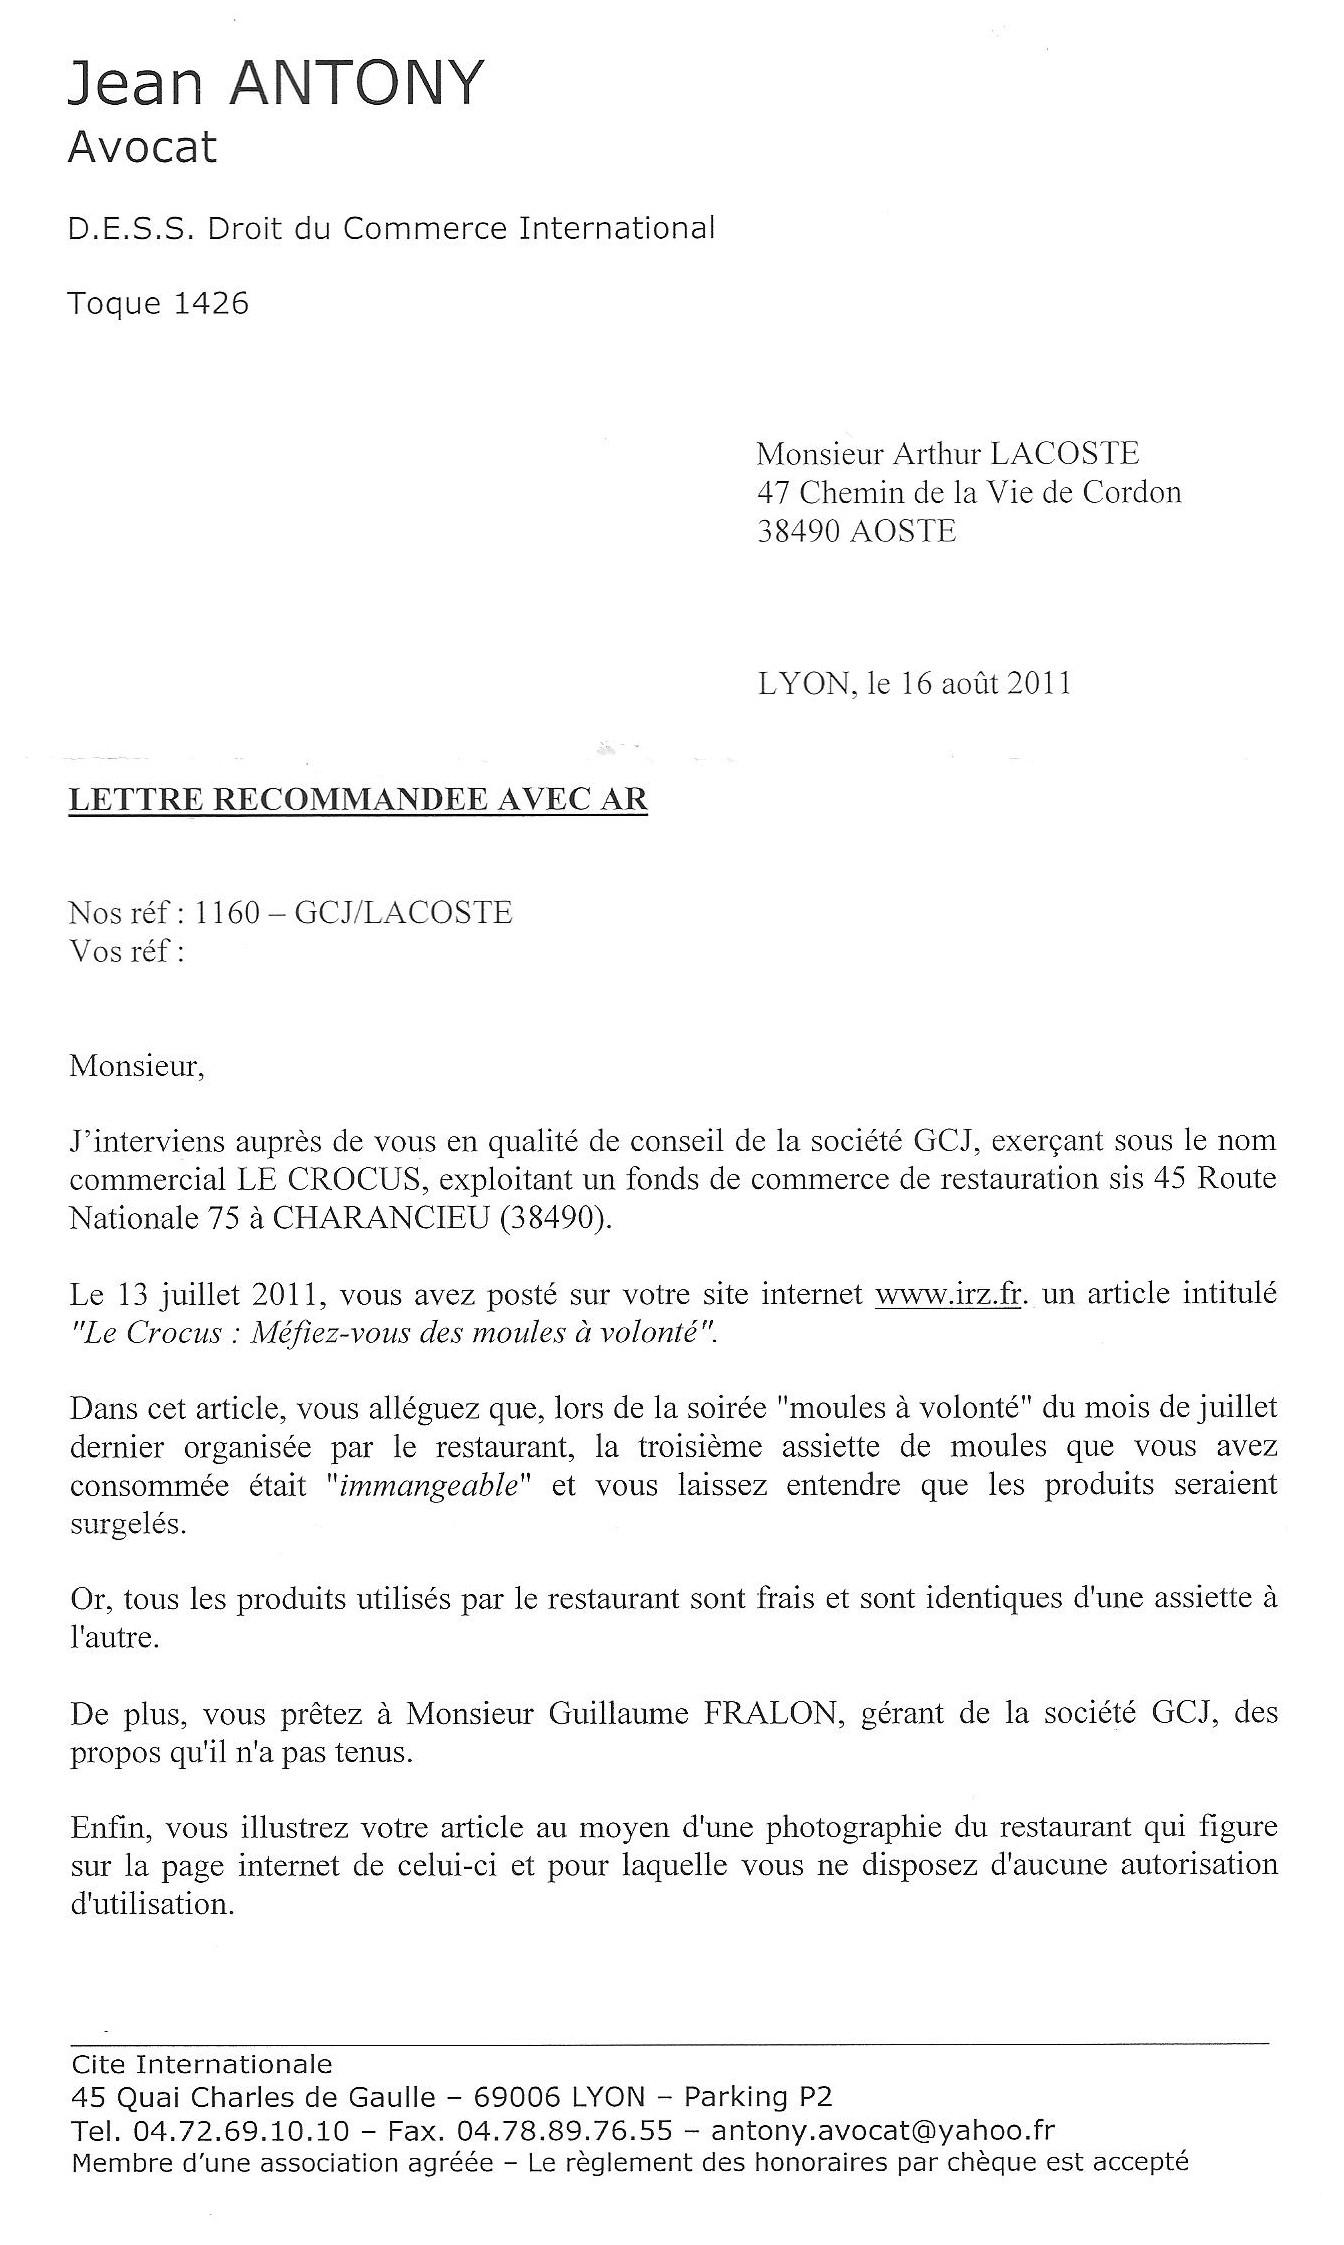 Lettre de demission avec accusé de reception   Modèle de lettre